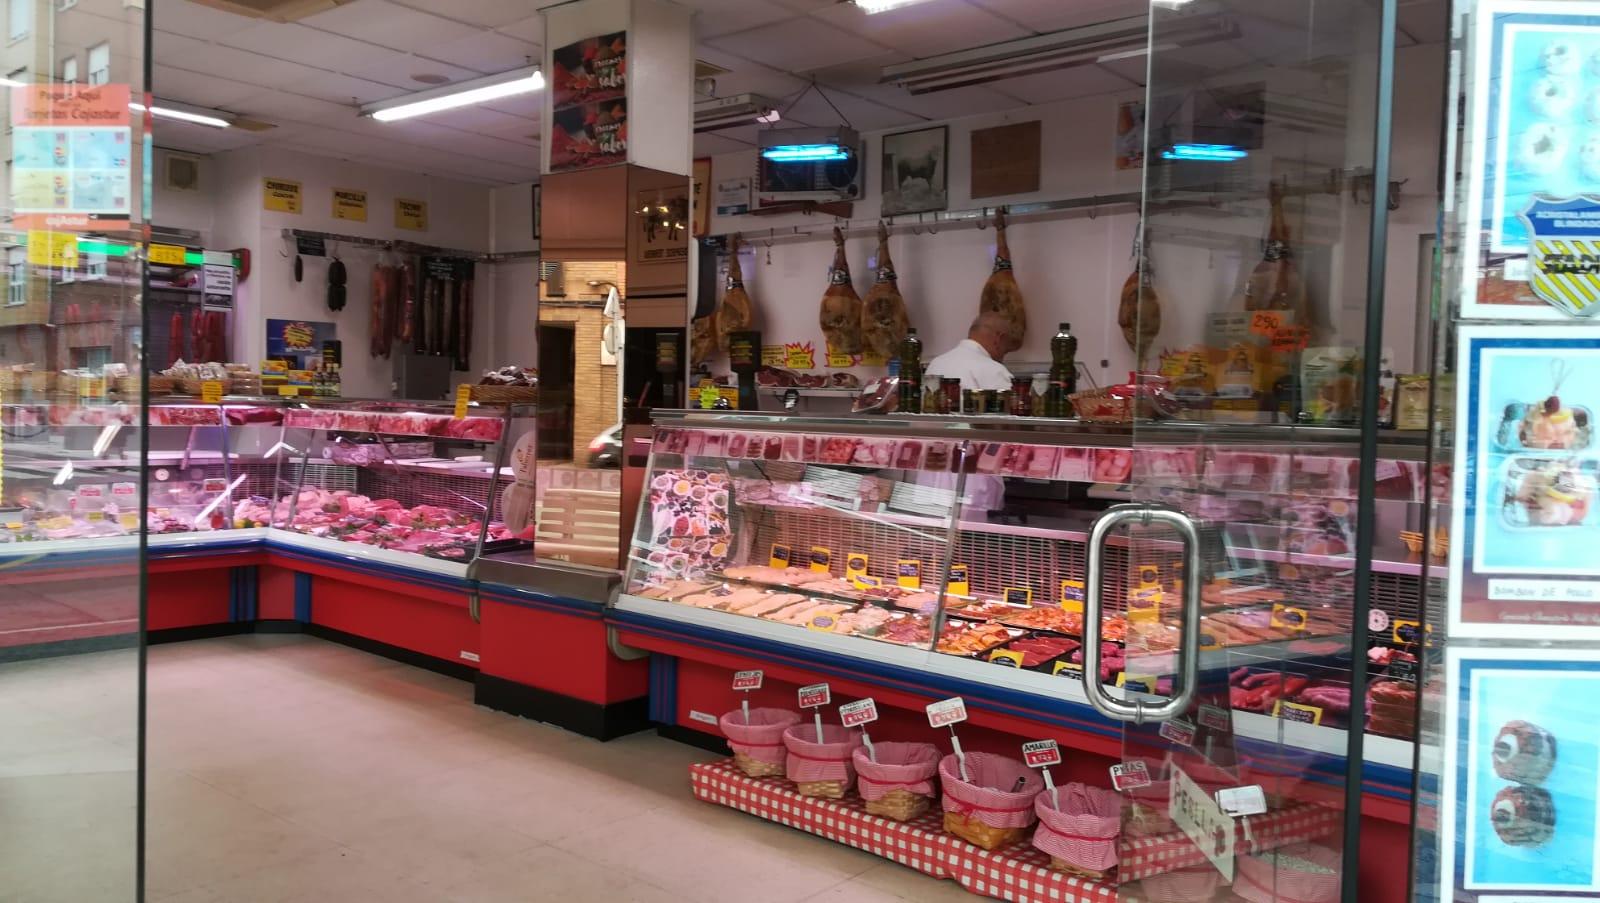 Traspaso carnicería por Jubilación En gijón Img-2061